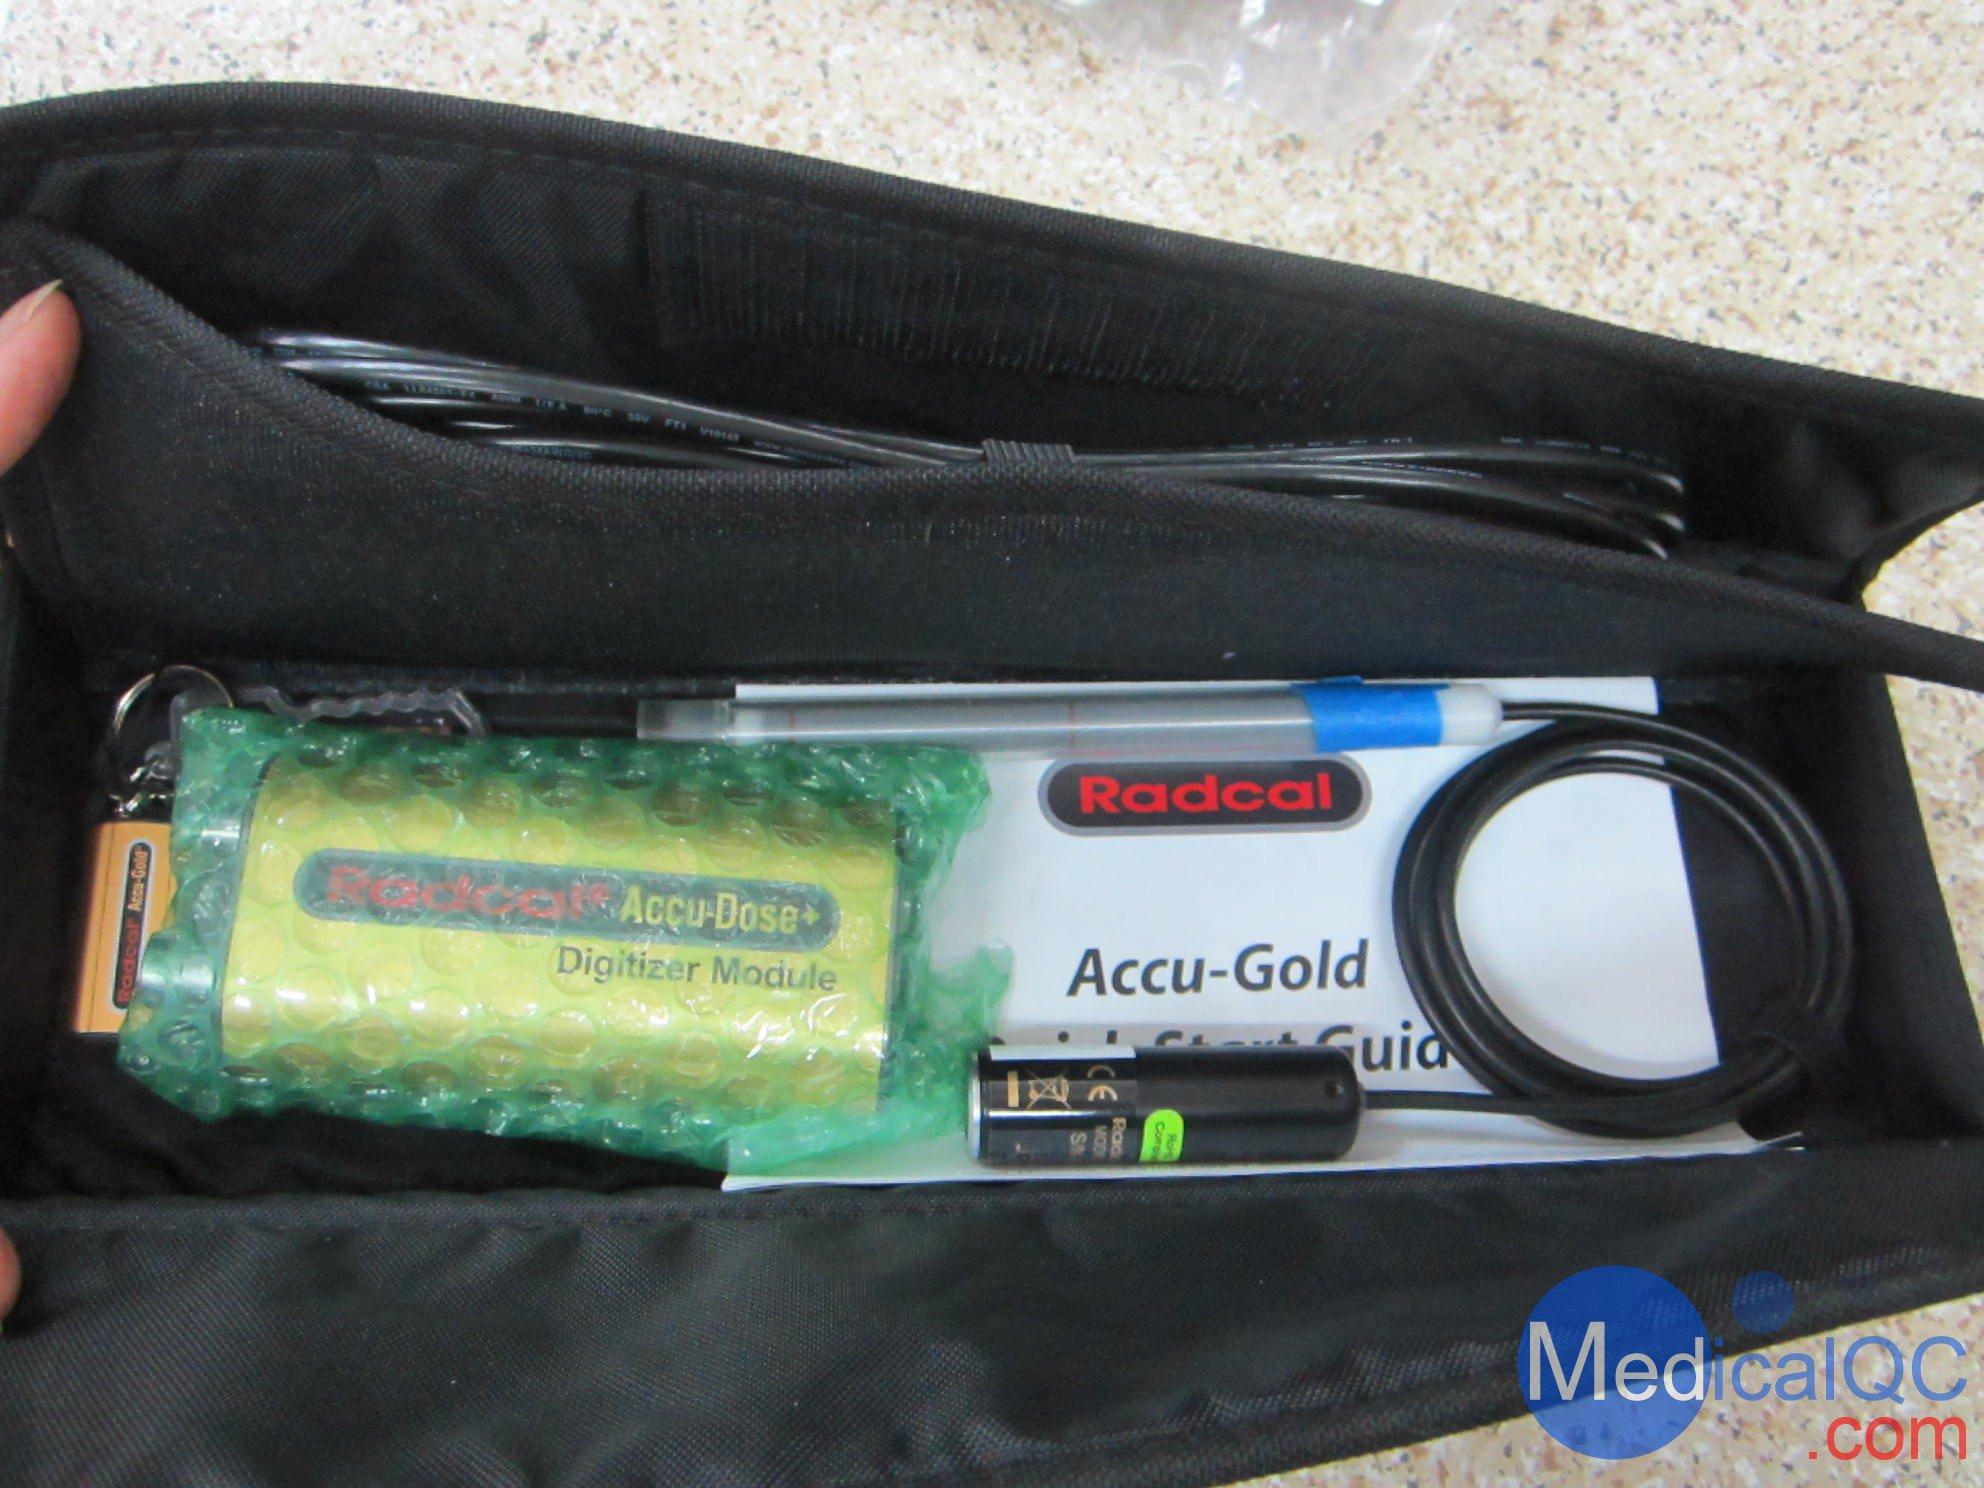 RADCAL Accu-DOse+ X射线分析仪,Accu Dose+剂量仪